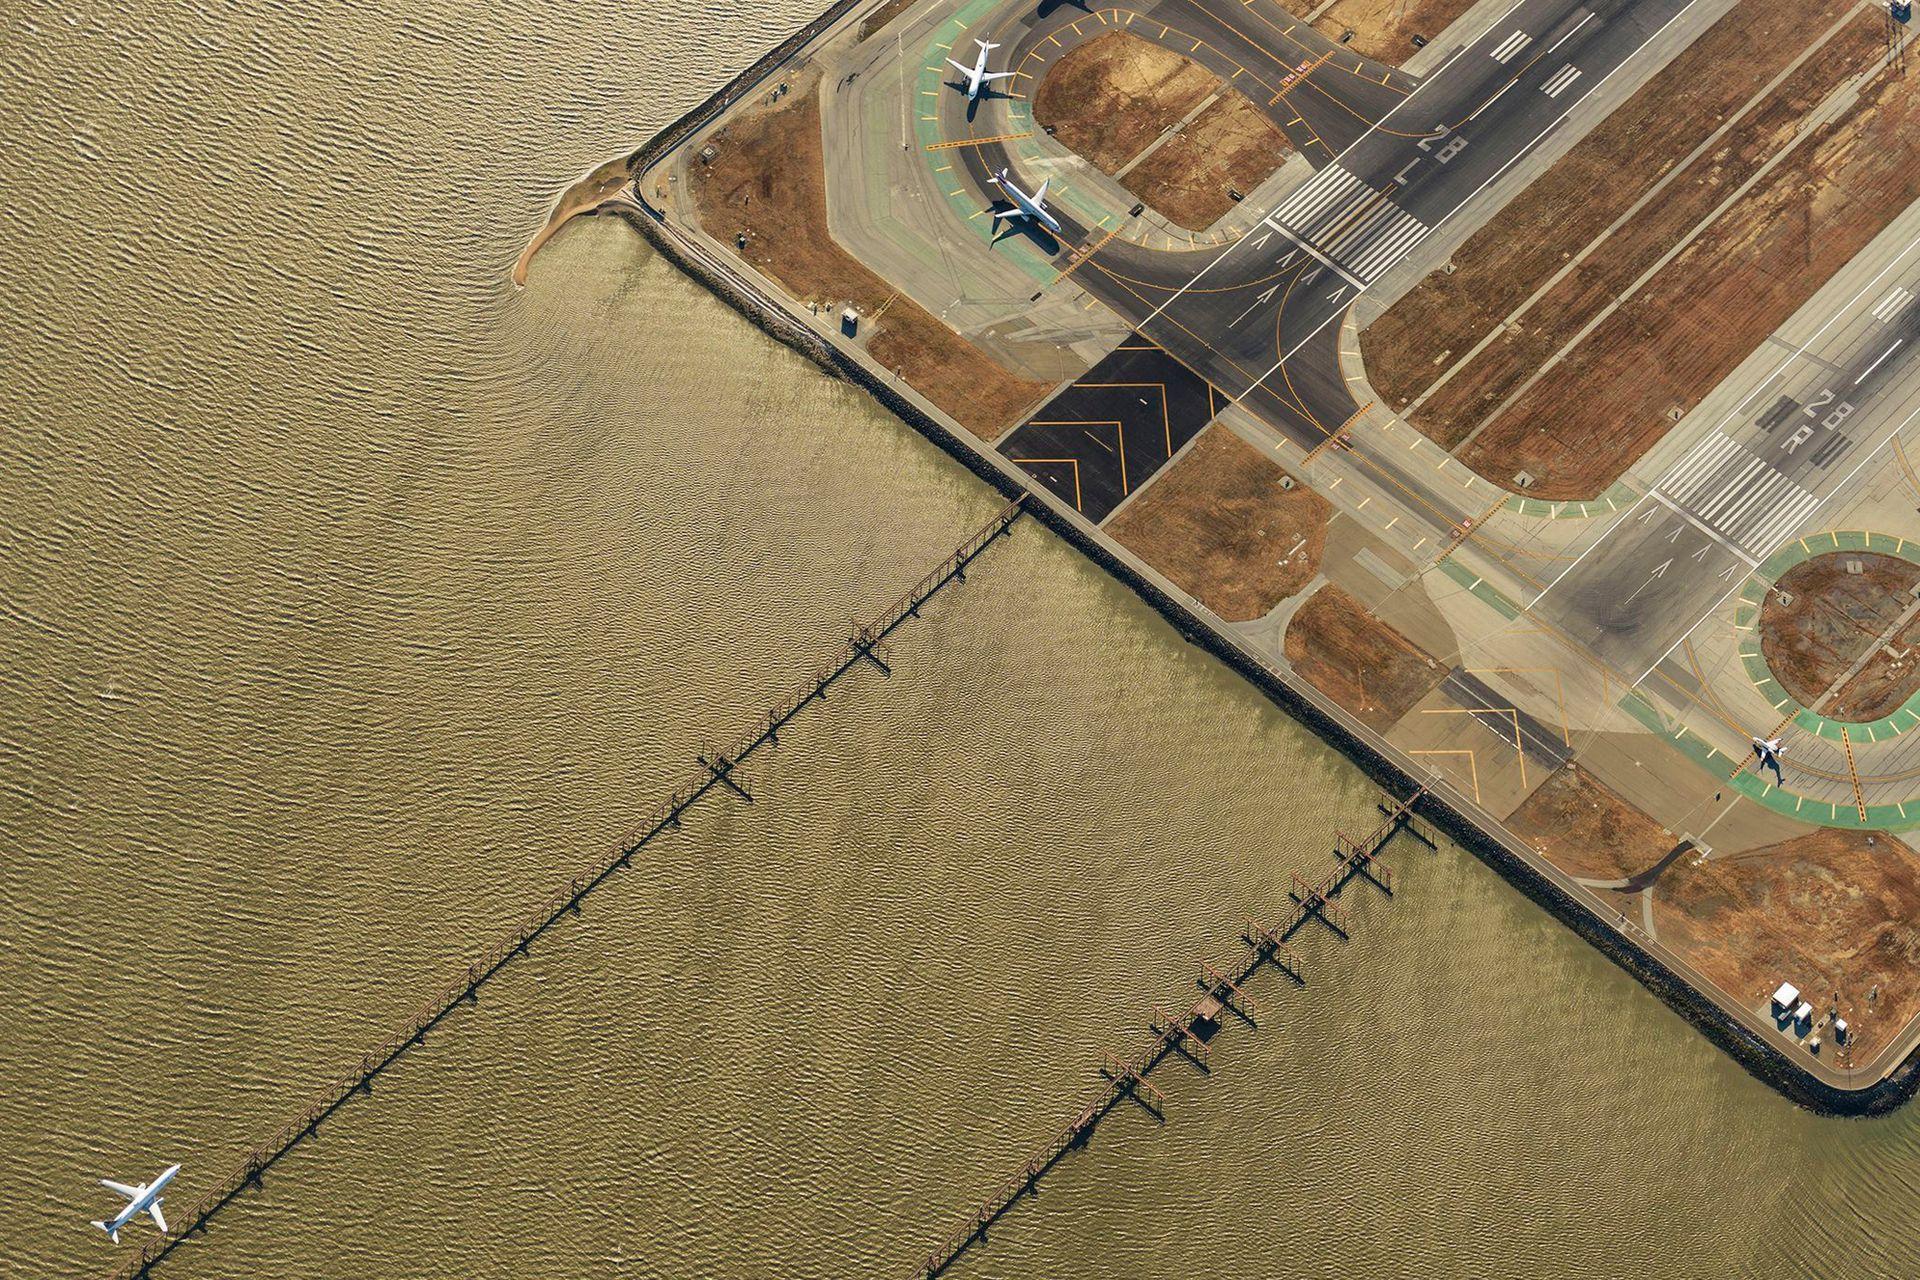 Segundo lugar, categoría Lugares, la imagen fue tomada por JassenTodorov, Vista del Aeropuerto Internacional de San Francisco